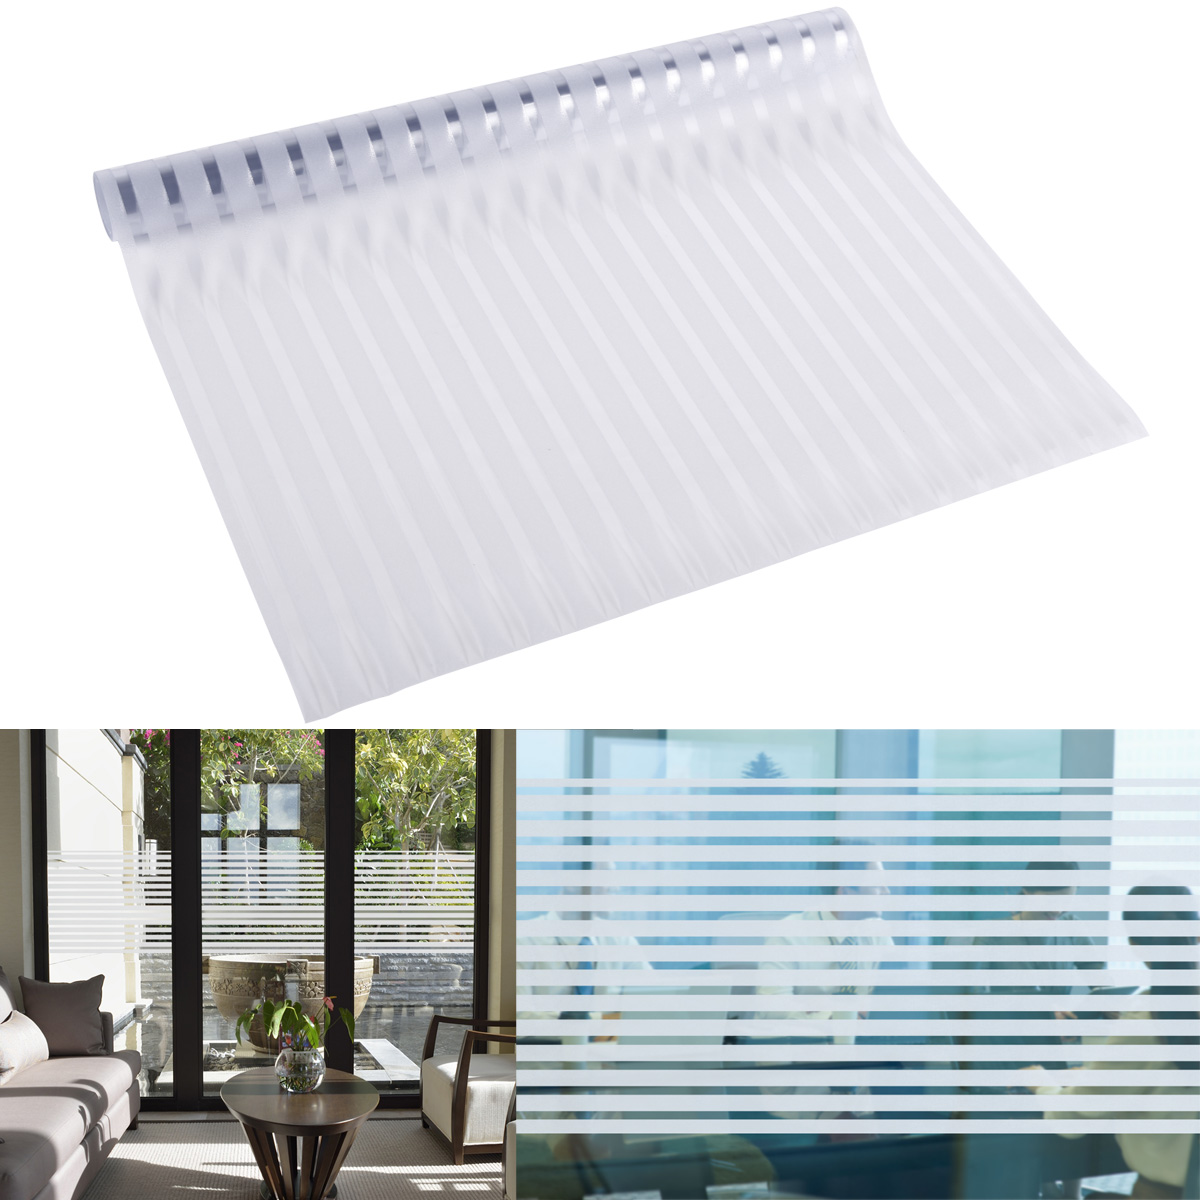 Full Size of Fensterfolie Blickdicht Linien Selbstklebend Milchglasfolie Wohnzimmer Fensterfolie Blickdicht